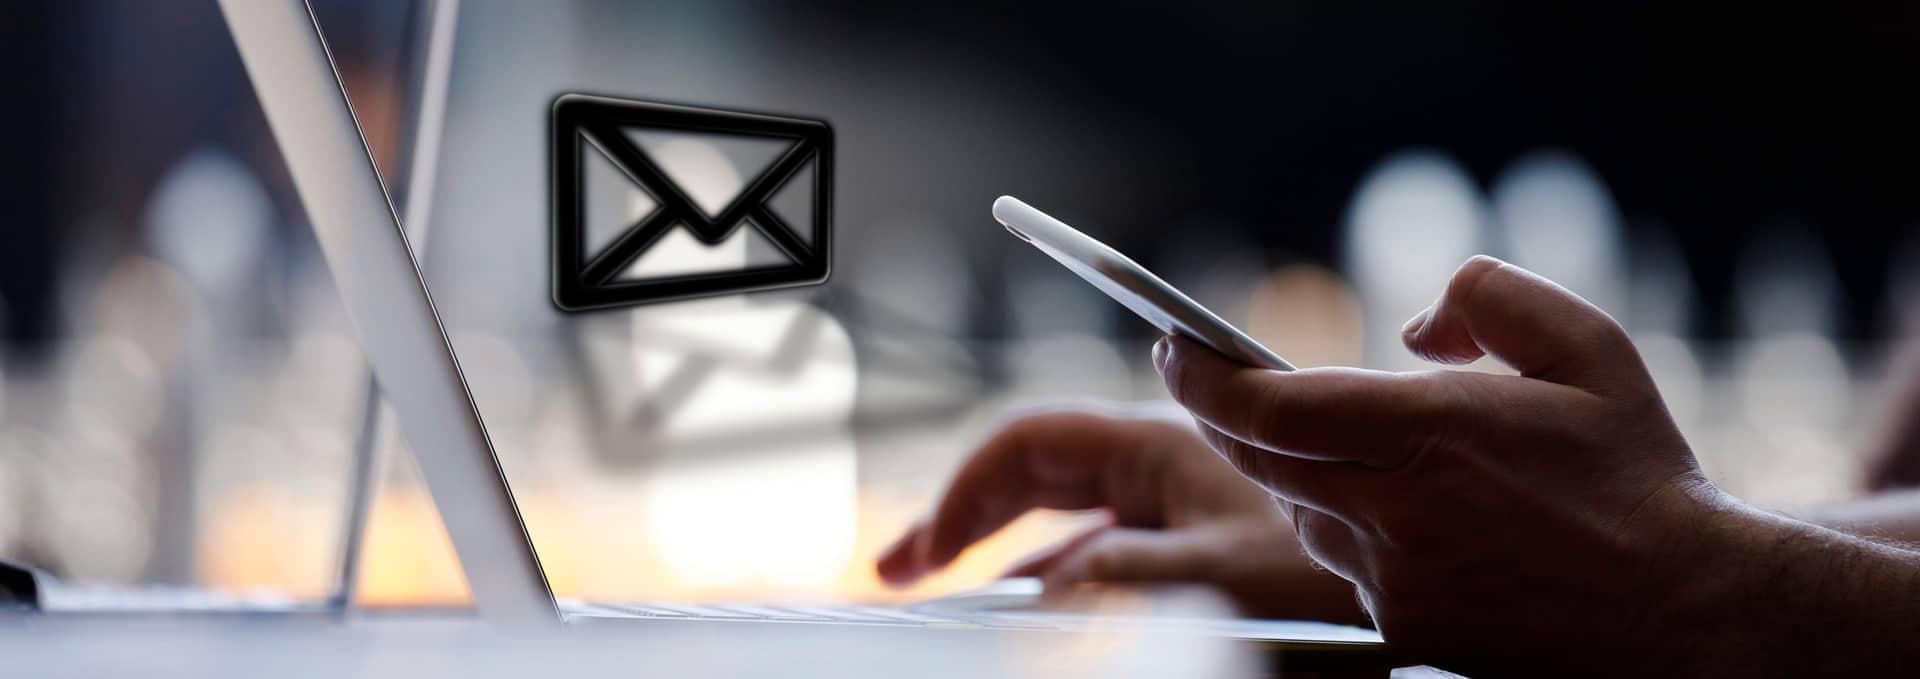 reputação email